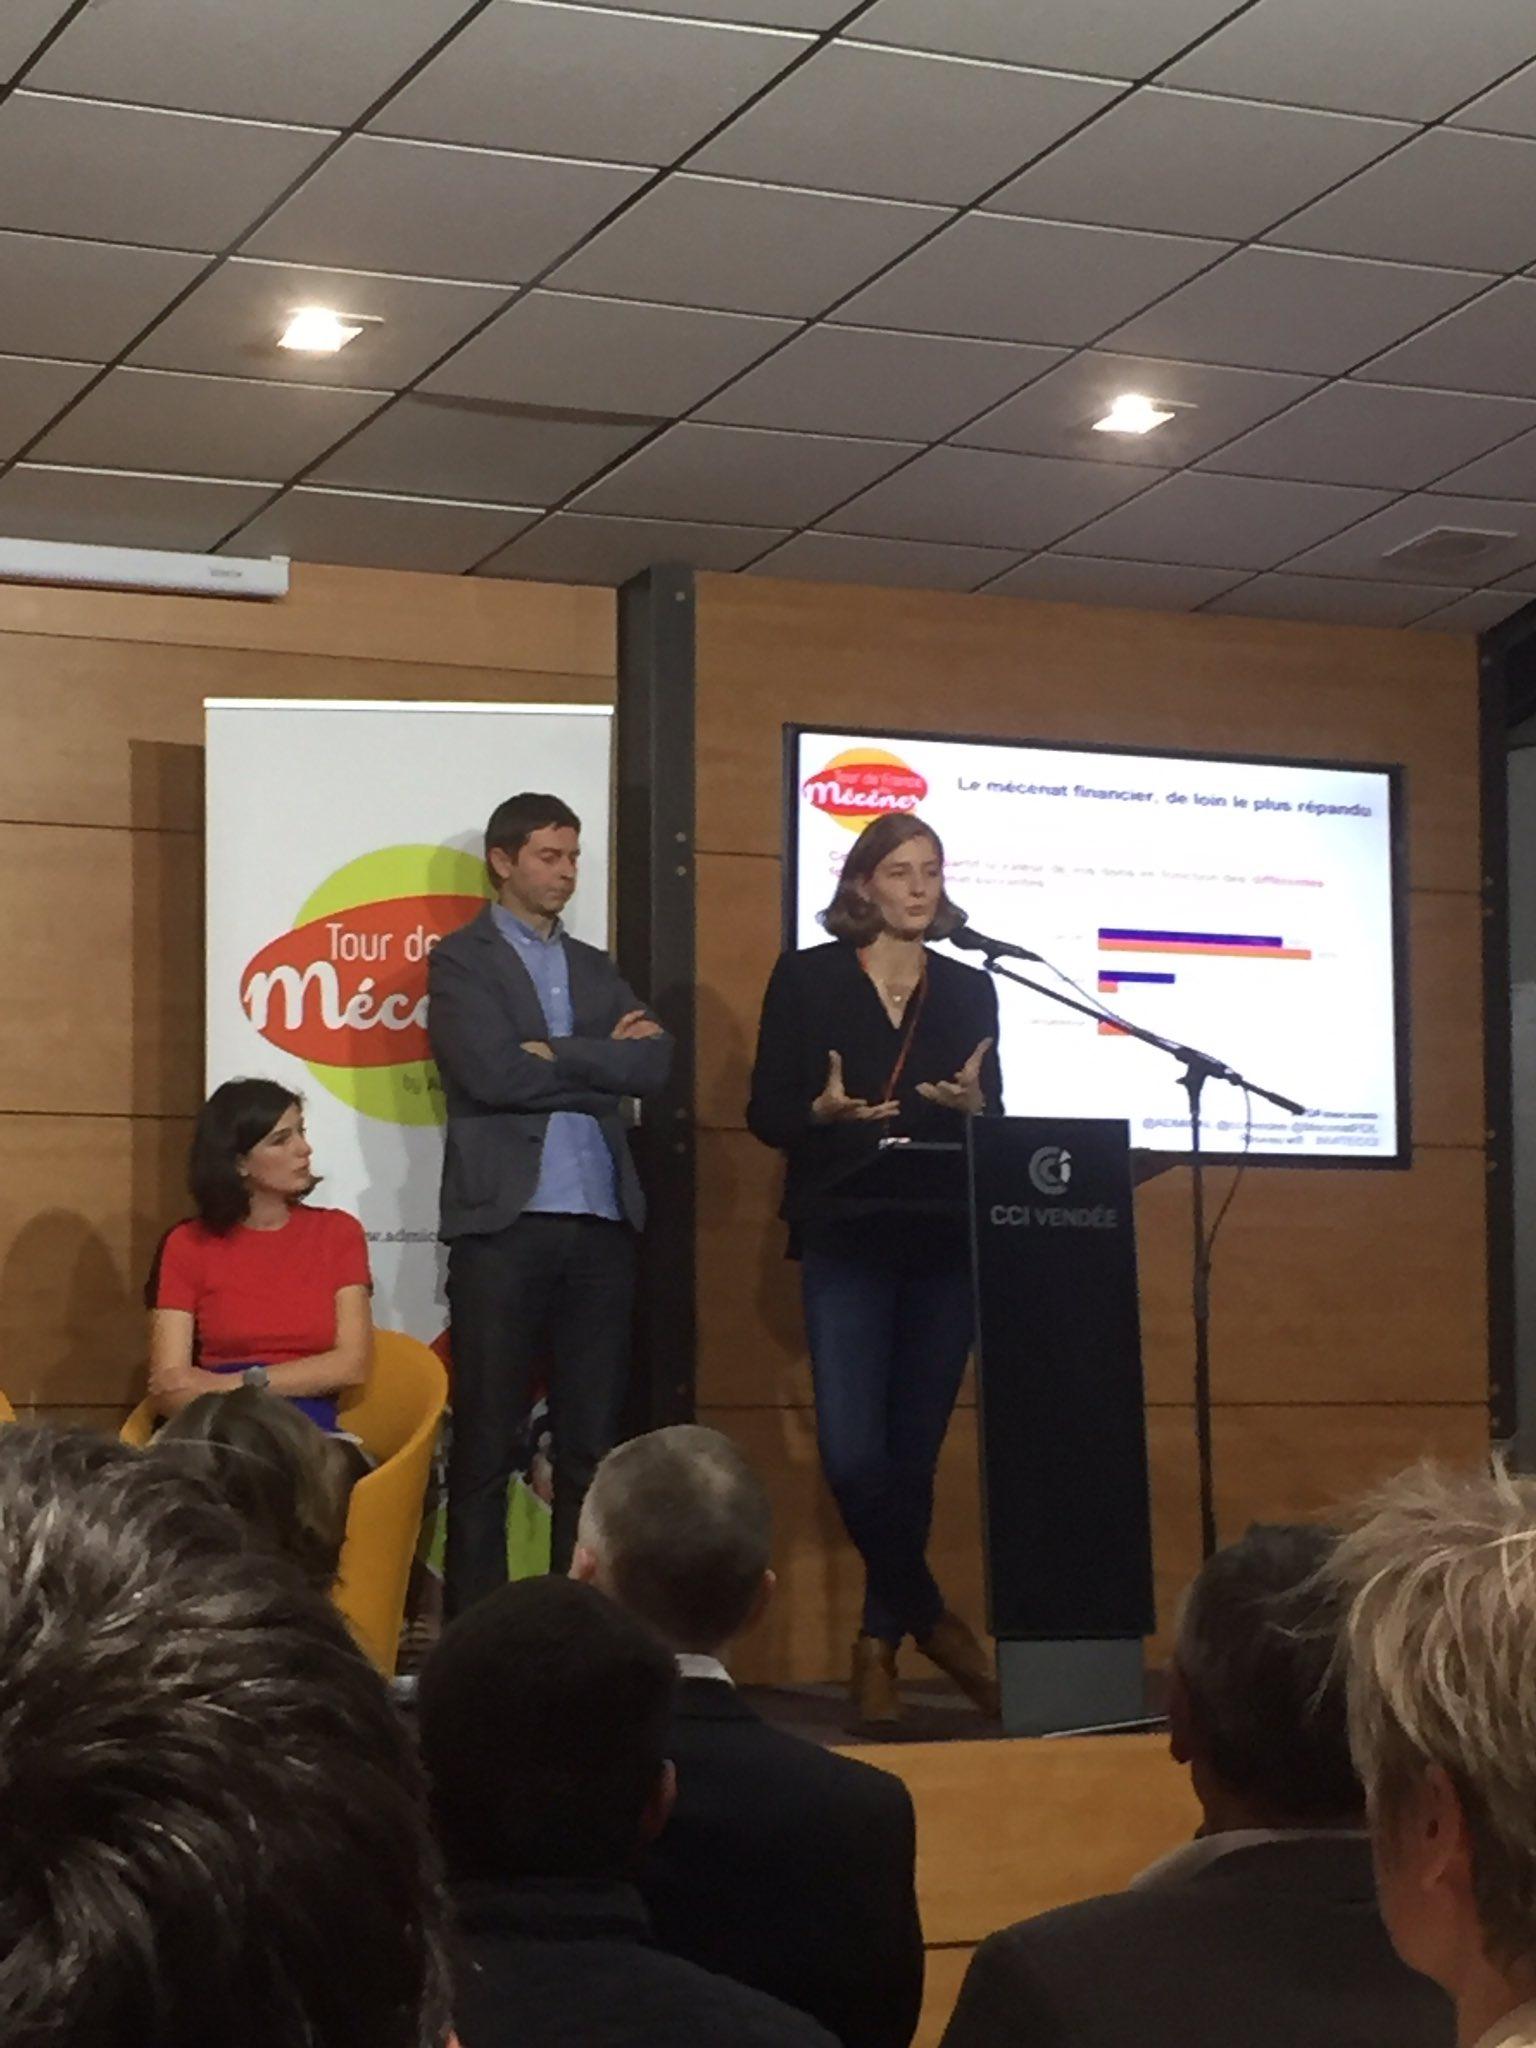 """@Camille_Marc """"il y a recentrage des actions de mécénat sur le territoire local à 78 % """" #tdfmecenes @mecenatpdl https://t.co/Jrpud0Hh9d"""